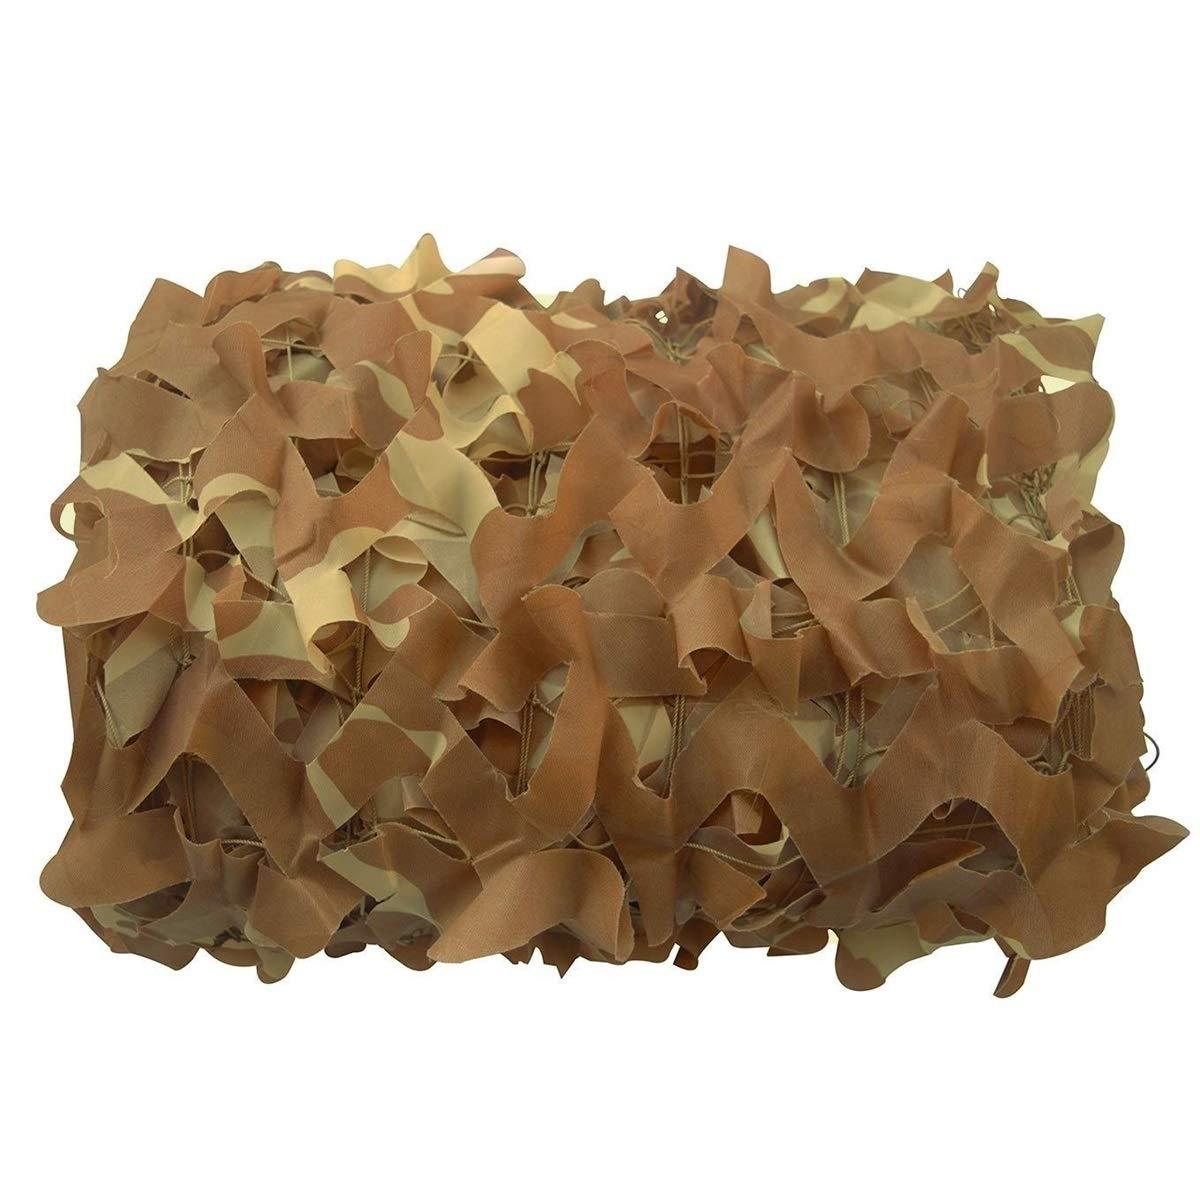 3m×4m MCZYWzgl Filets De Camouflage De Filet De Camouflage De Filet De Camouflage De Désert, for La Photographie De Faune De Filets De Chasse De Parcravate De Chasse (Taille   3m×6m)